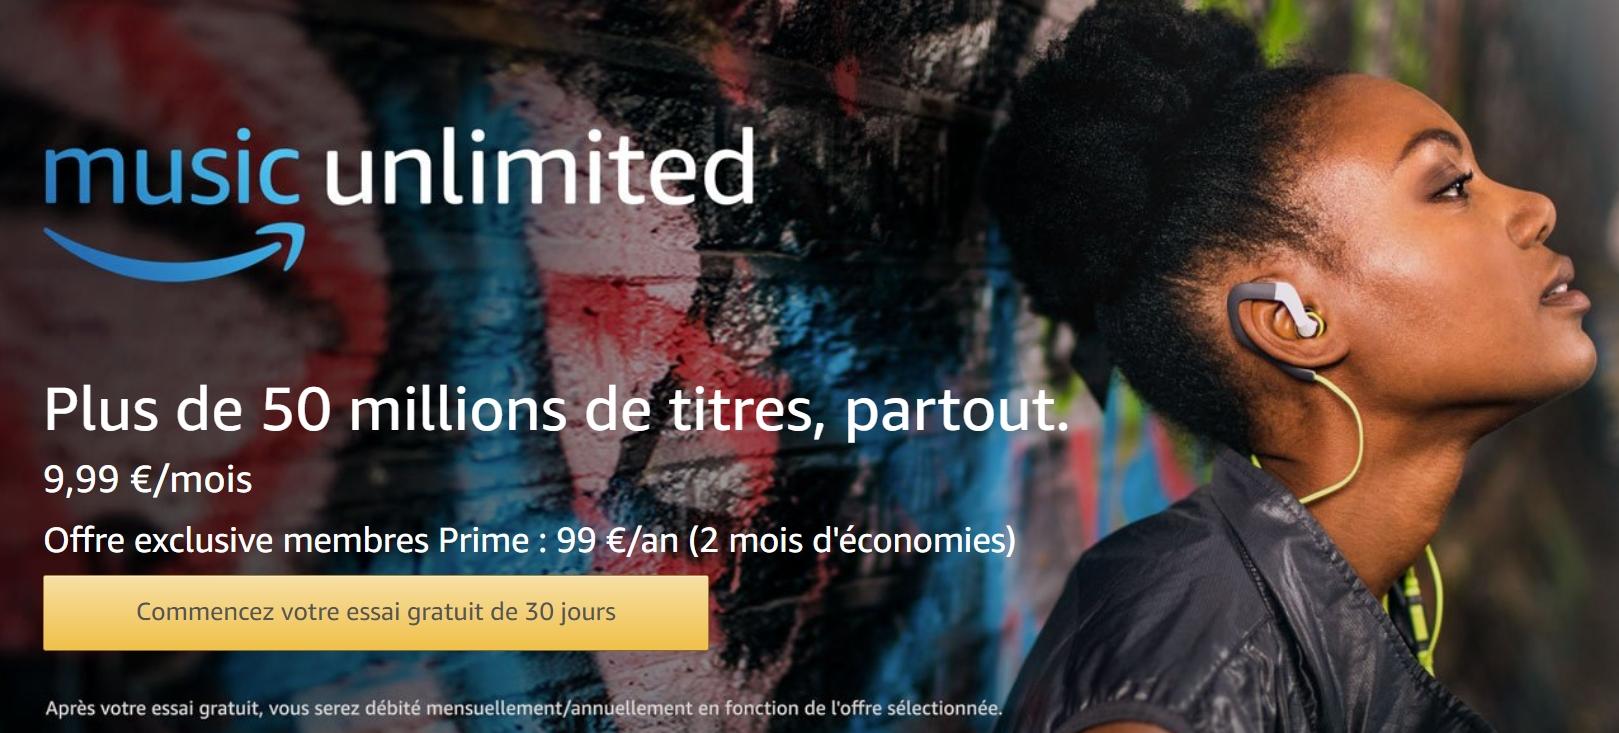 Gratuit : 3 mois de musiques illimitées avec Amazon Music